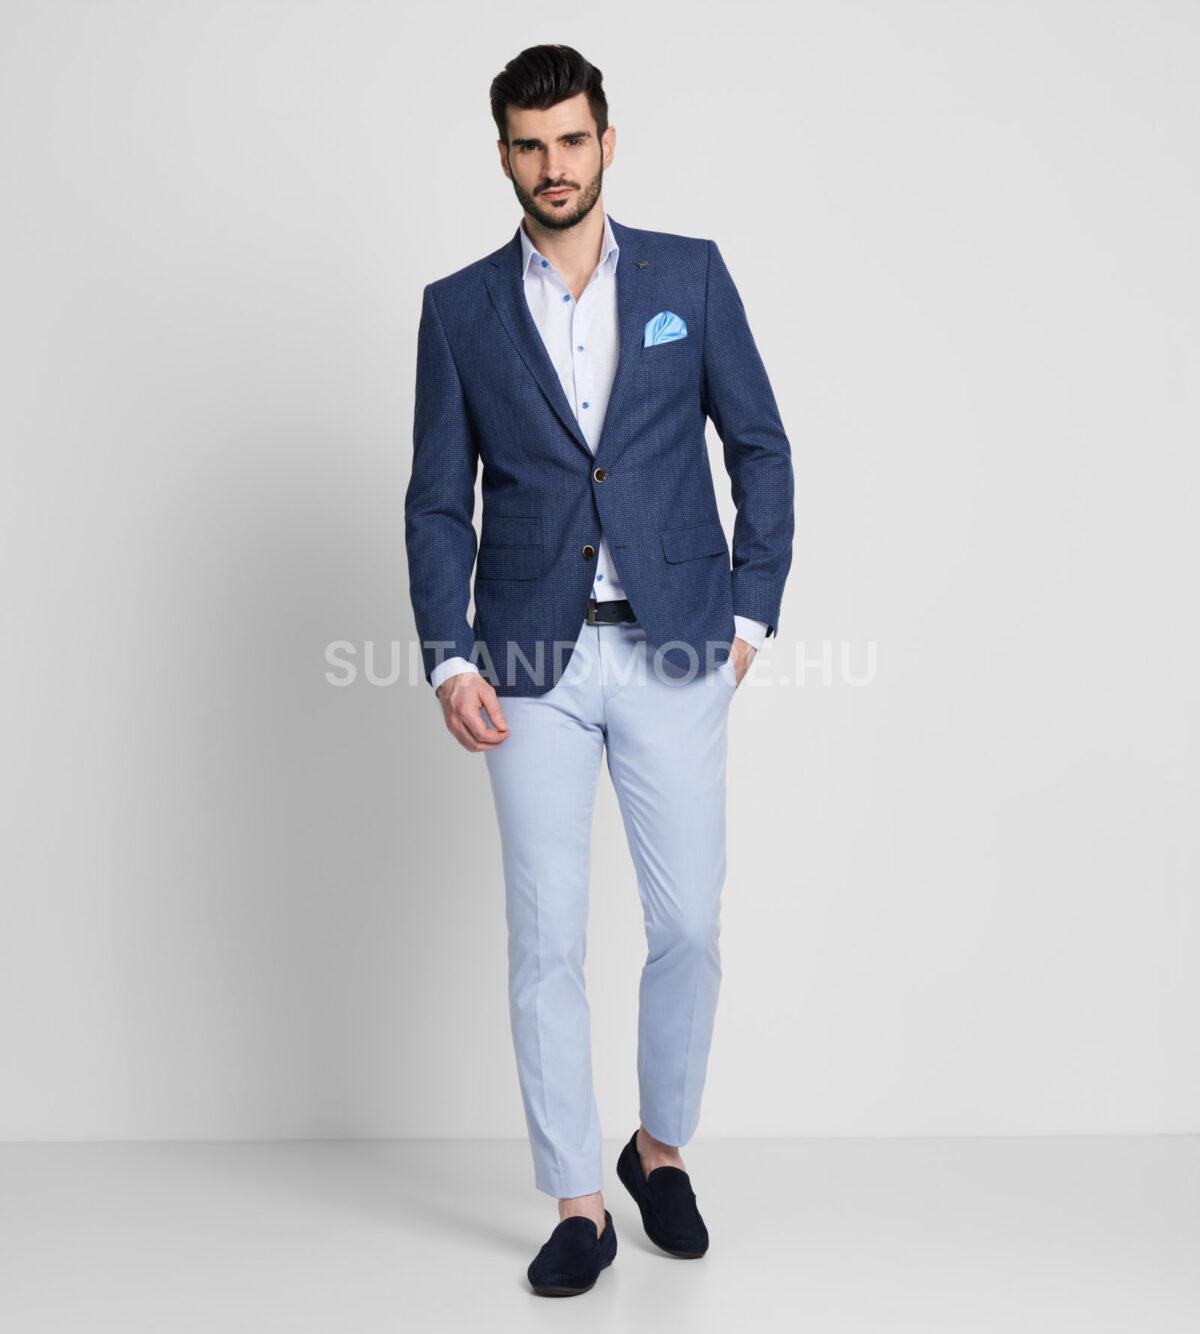 DIGEL-kék-slim-fit-strukturált-zakó-ALBANO-1182383-22-01